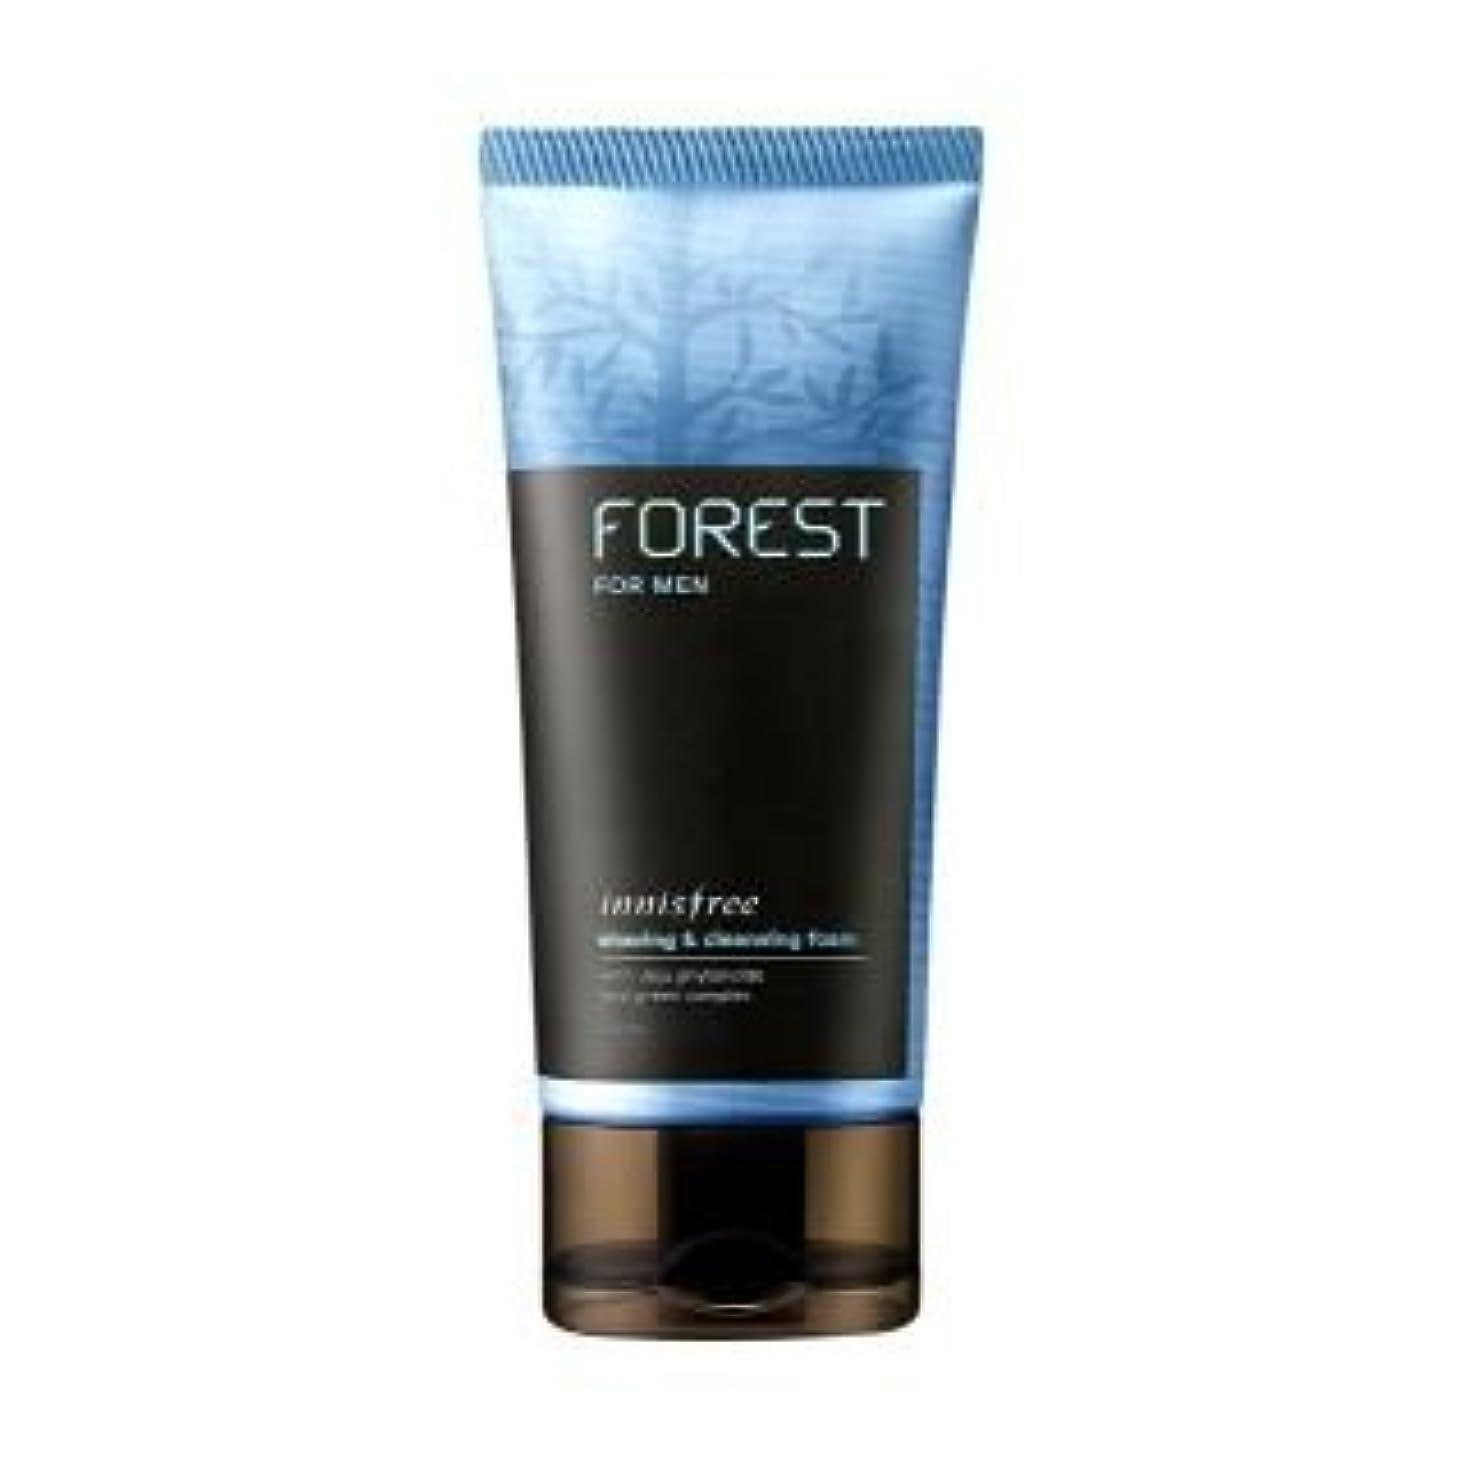 課す意味月曜[Innisfree] Forest For Men Shaving & Cleansing Foam 150ml by Innisfree [並行輸入品]